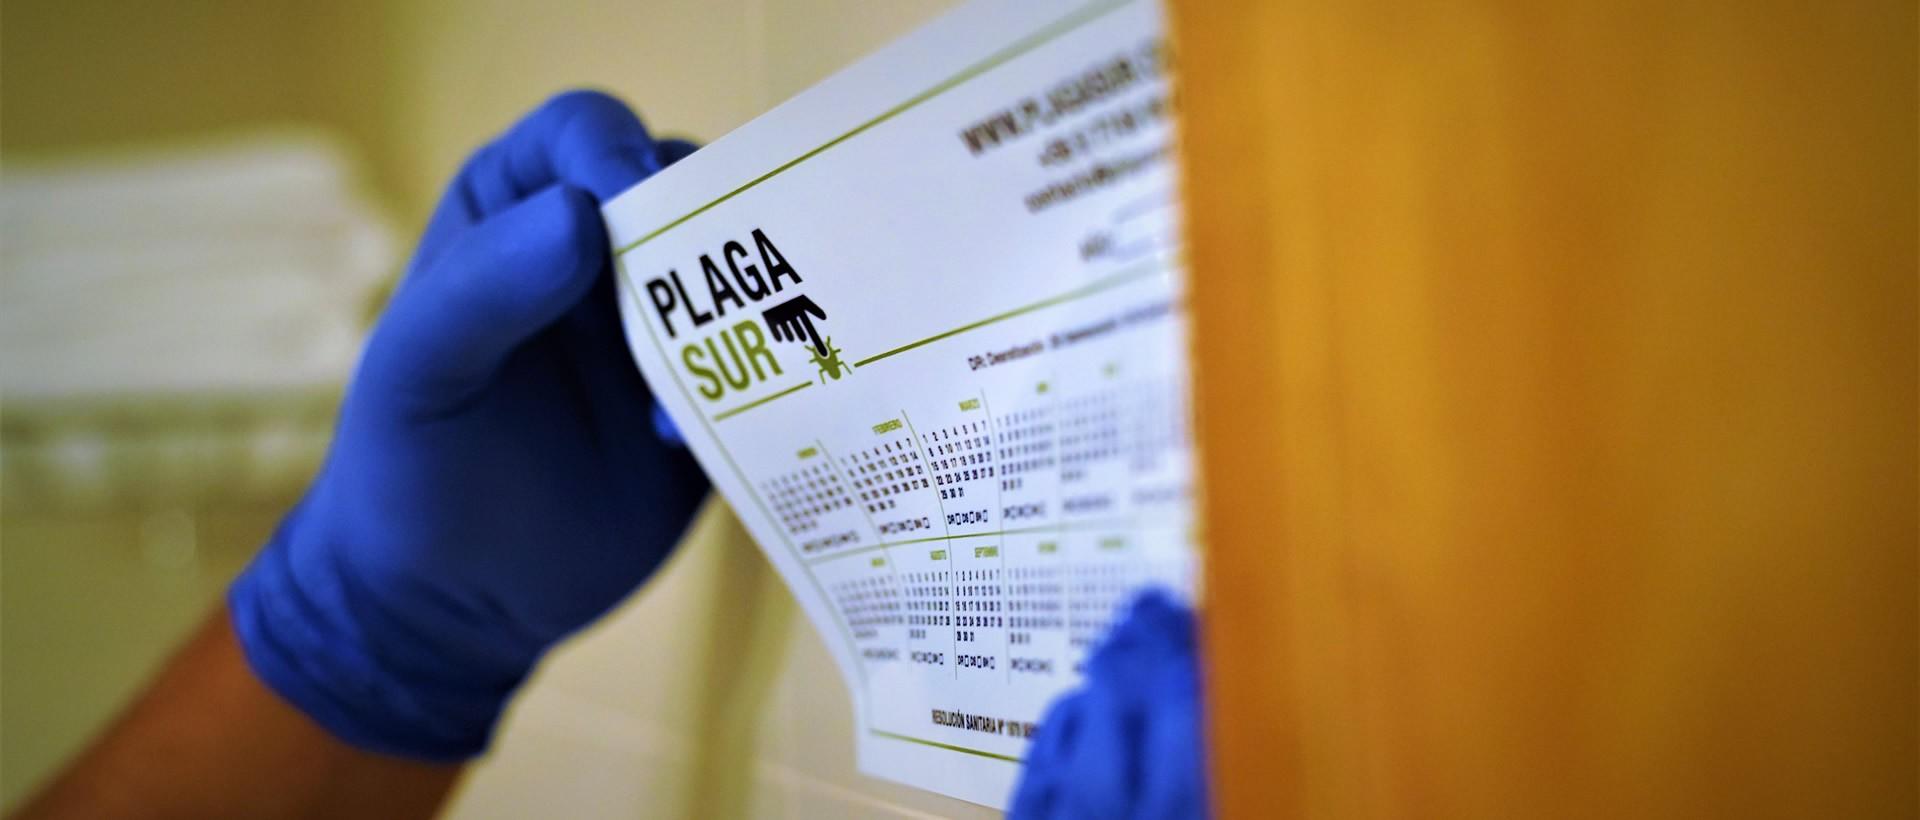 PLAGASUR® | Porque es tu casa y NO la de ellos! | Sanitización · Desratización · Desinsectación · Control de palomas y murciélagos · Valdivia - Puerto Montt - Puerto Varas - Osorno - Castro | Sanitización